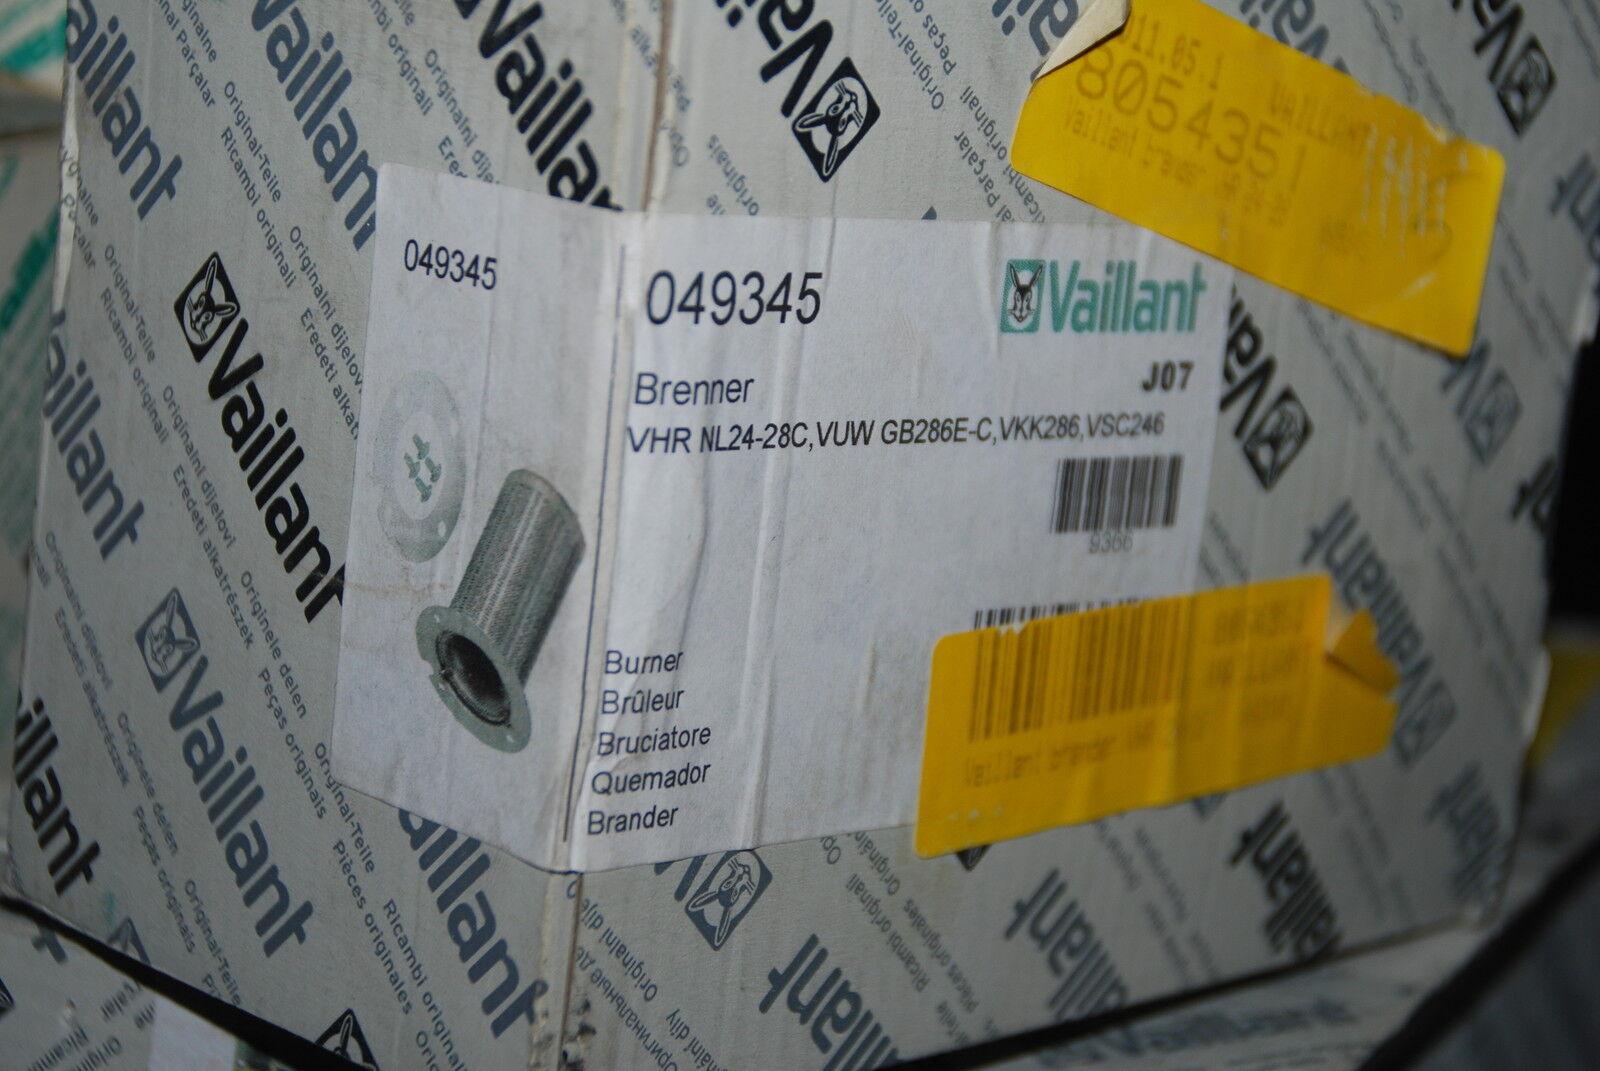 VAILLANT 049345 04-9345 BRENNER VHR NL24-28C VUW GB286E-C VKK286 VSC246 BURNER